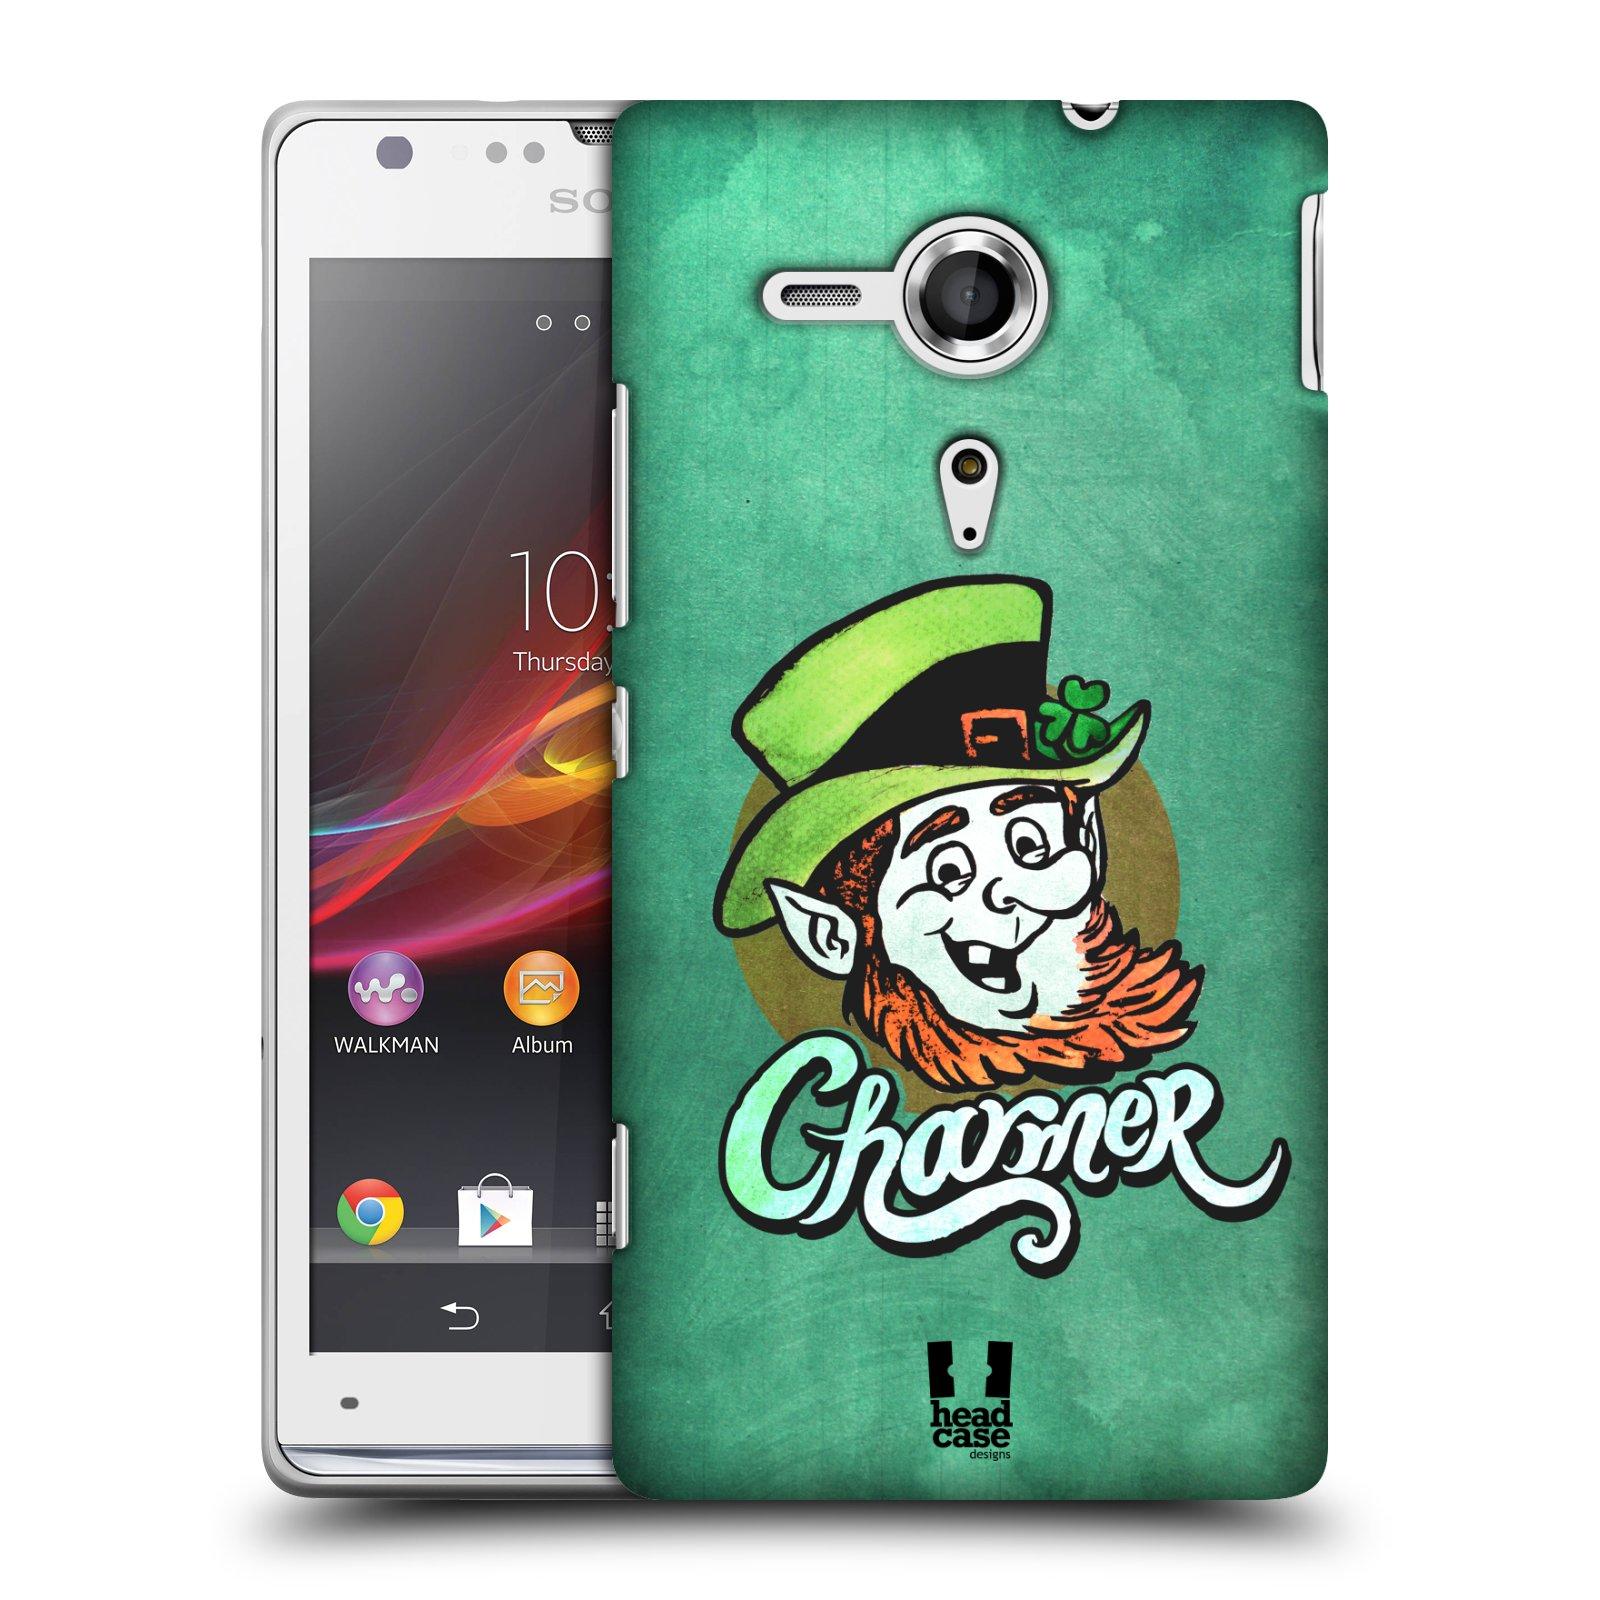 Plastové pouzdro na mobil Sony Xperia SP C5303 HEAD CASE CHARMER (Kryt či obal na mobilní telefon Sony Xperia SP )